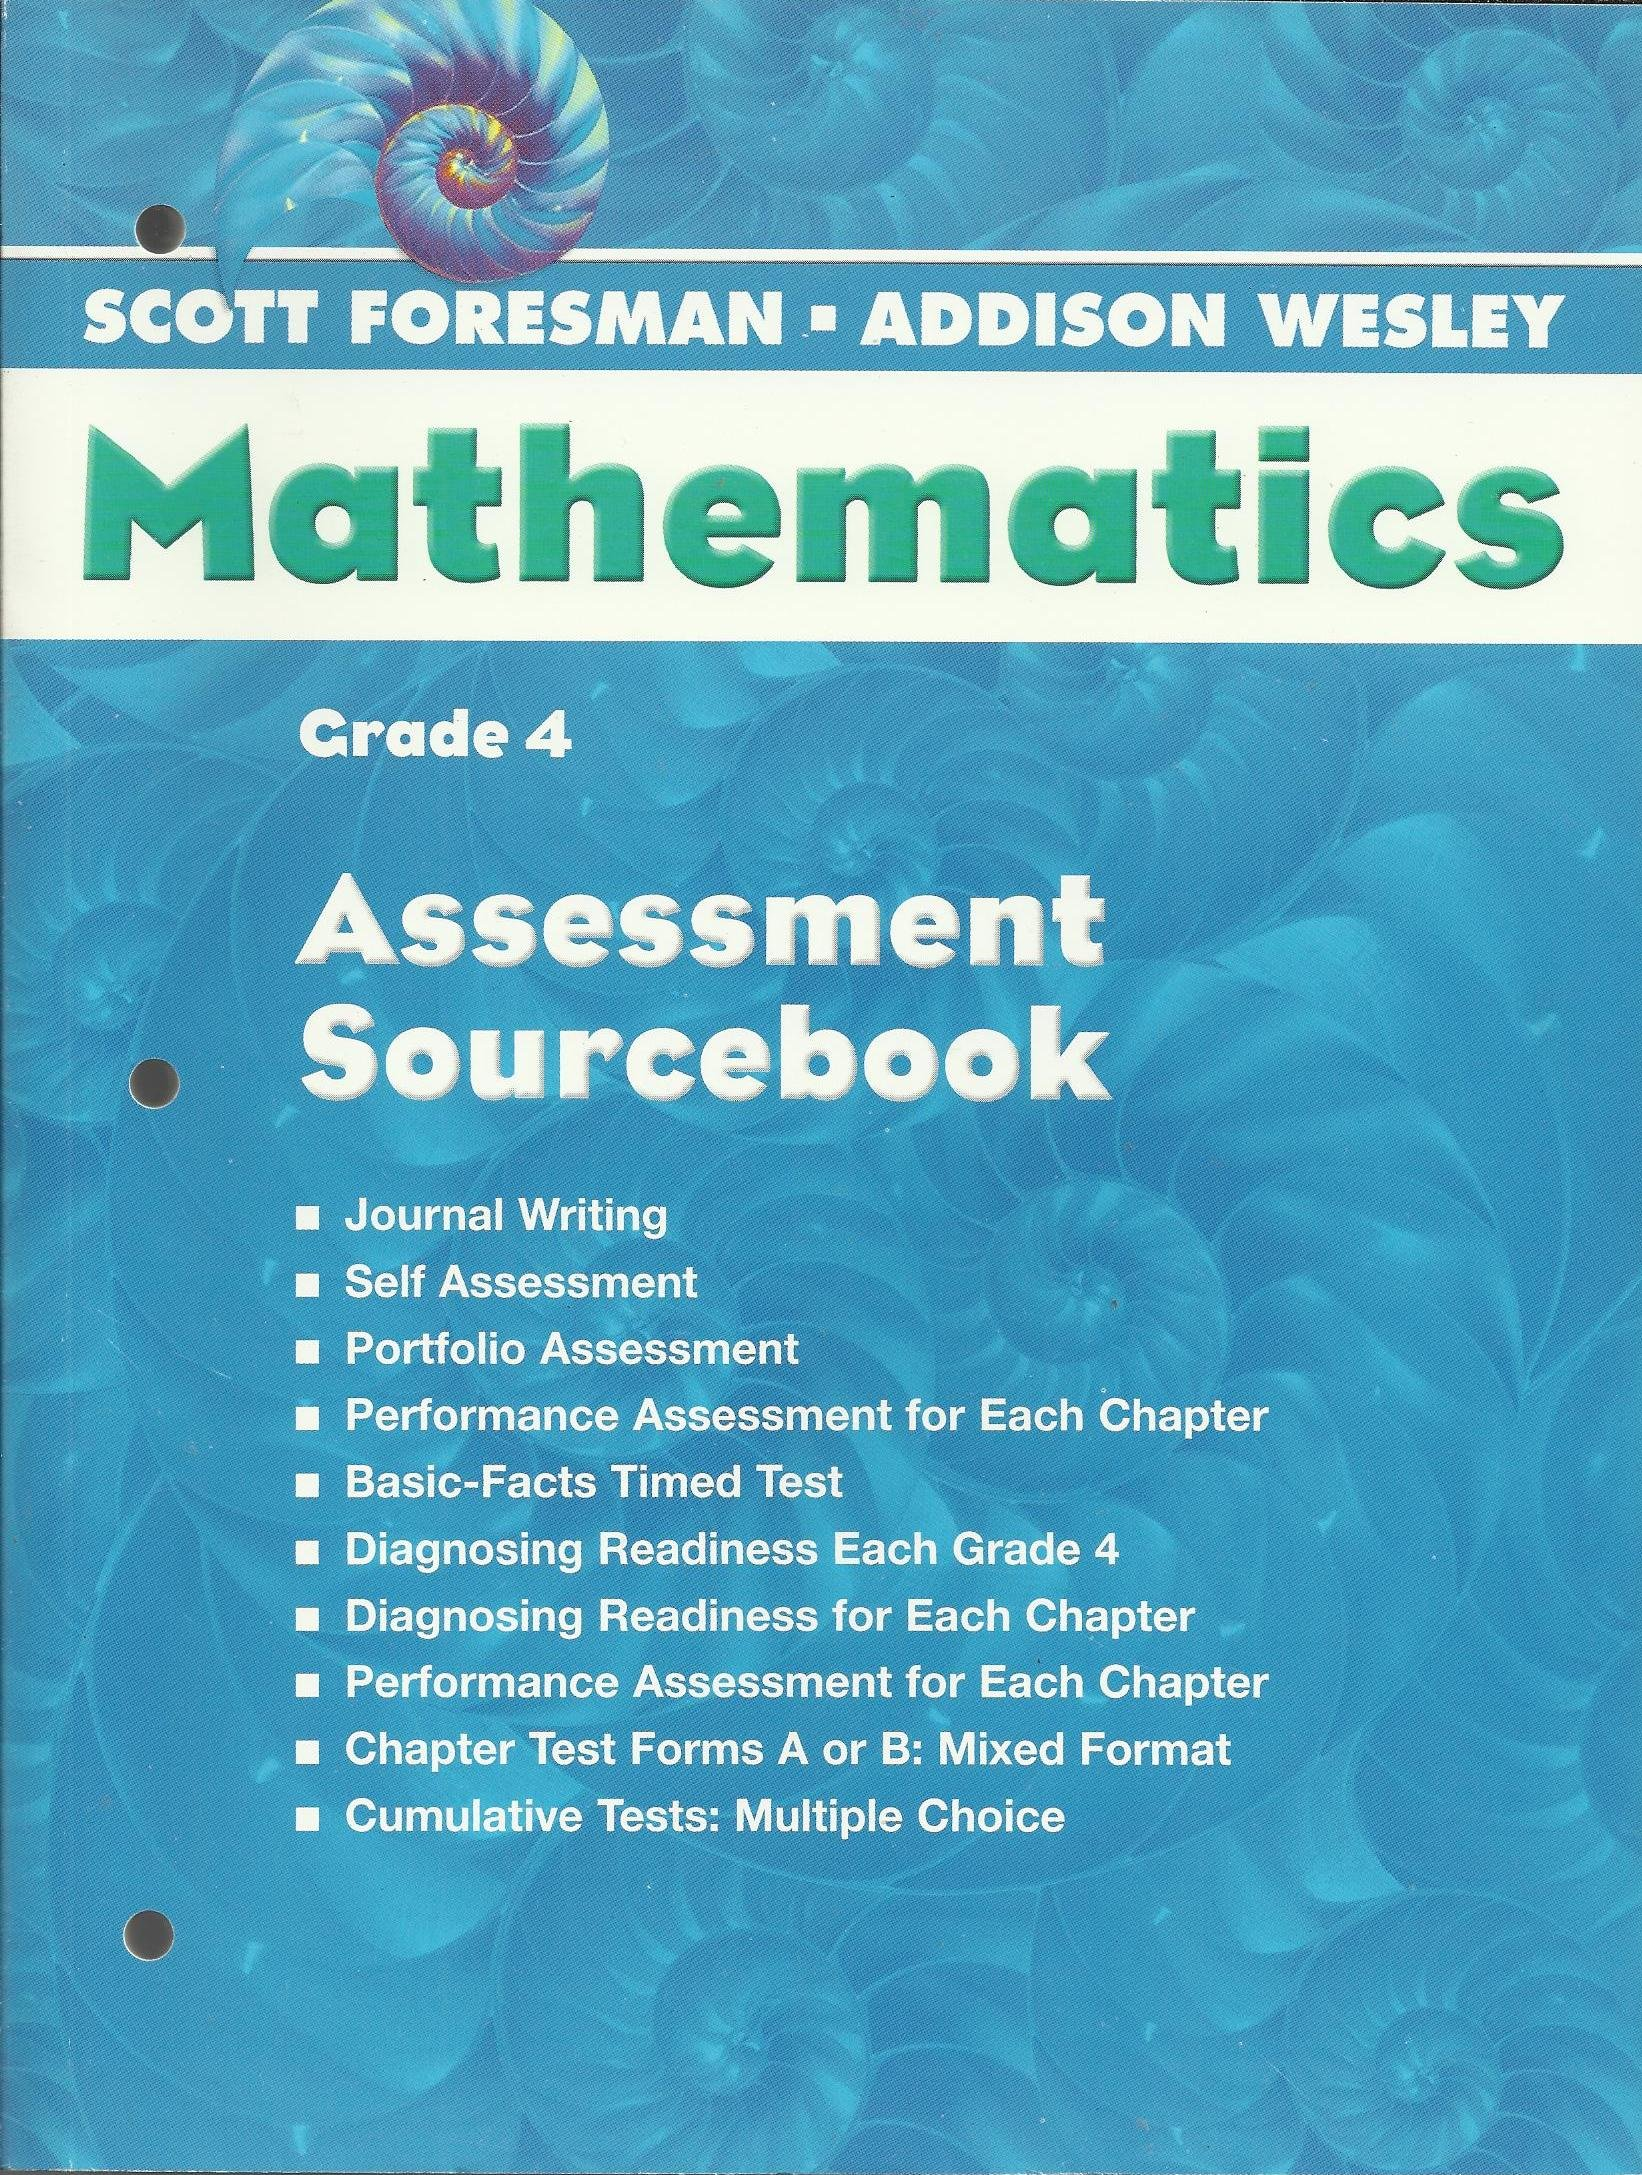 Grade 4 Assessment Sourcebook Scott Foresman Addison Wesley